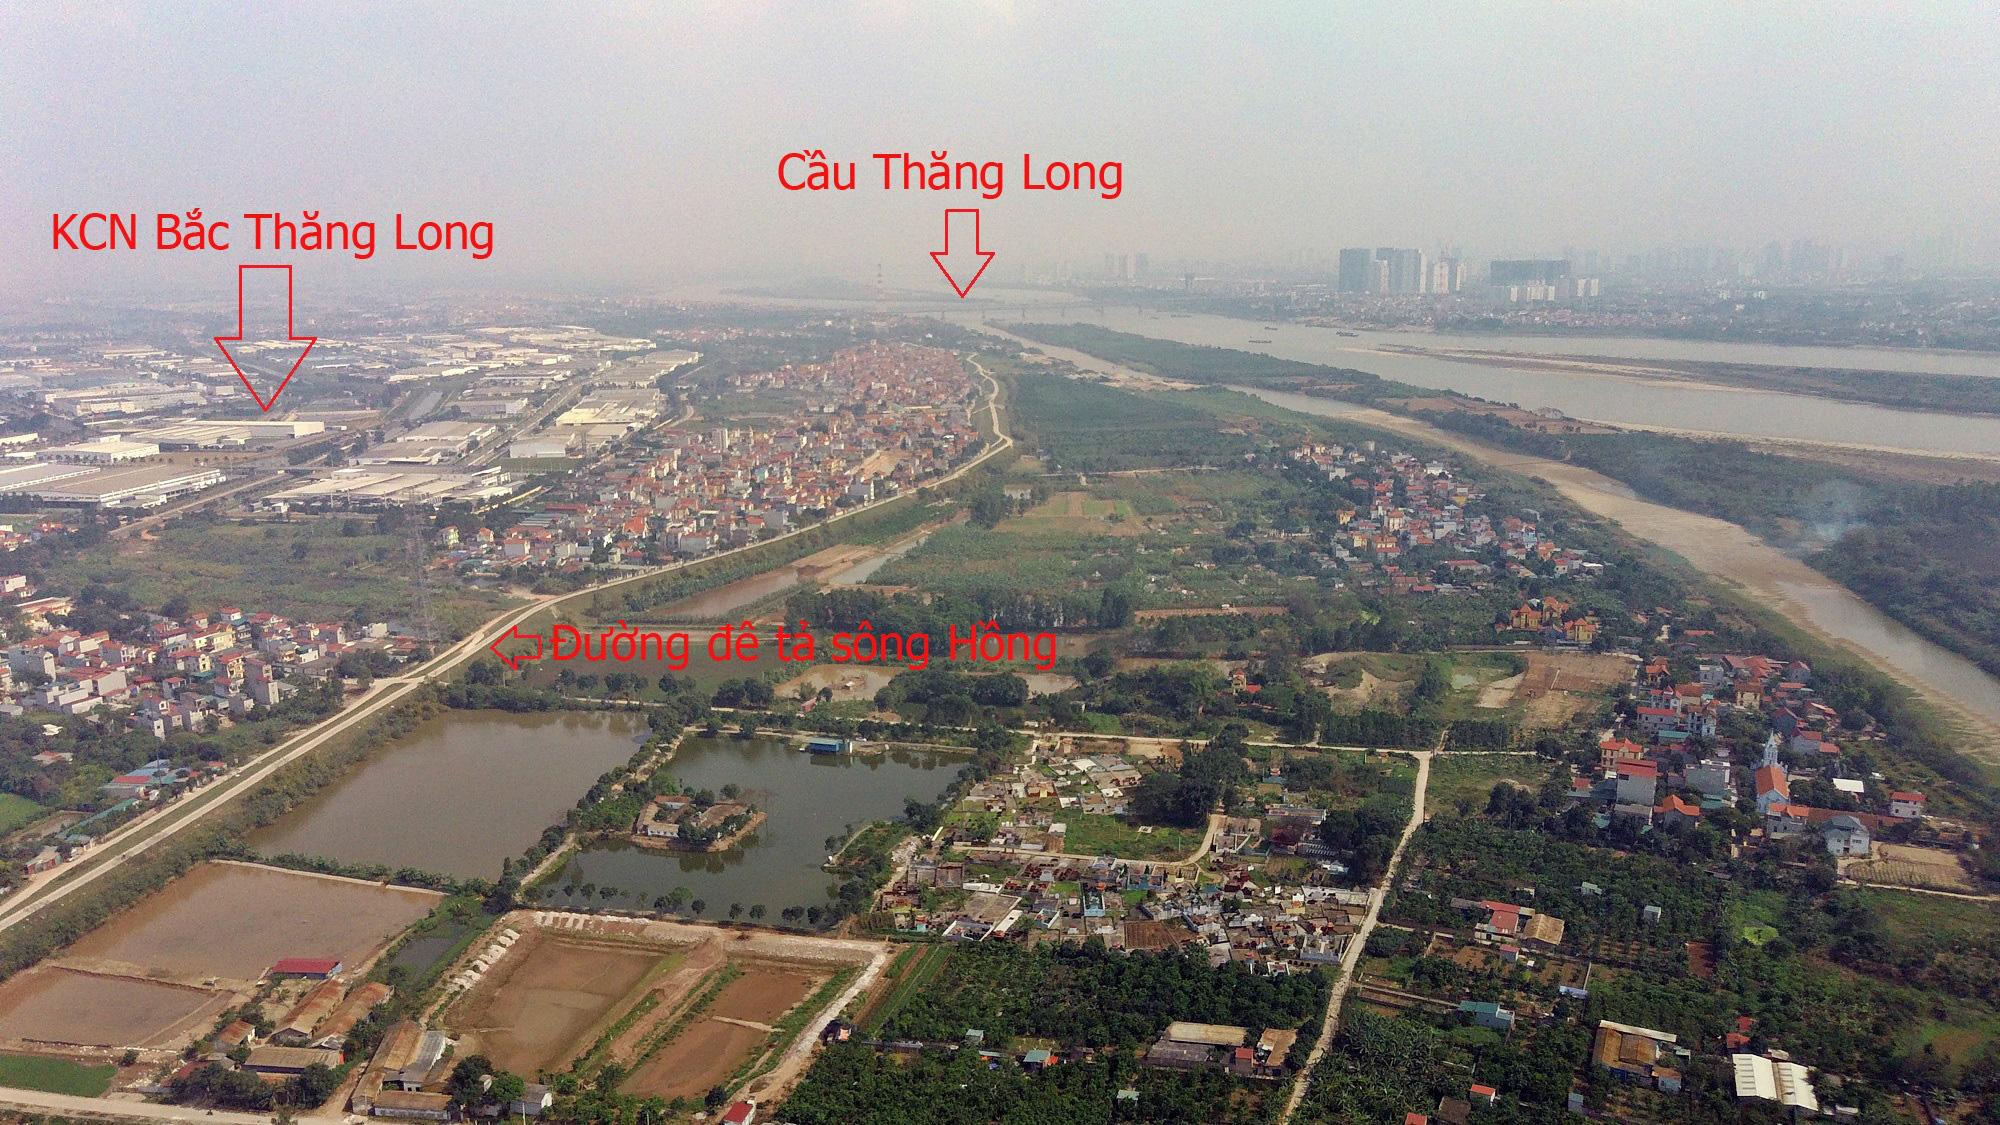 Cầu sẽ mở theo qui hoạch ở Hà Nội: Toàn cảnh cầu Thượng Cát nối Bắc Từ Liêm với Đông Anh - Ảnh 14.